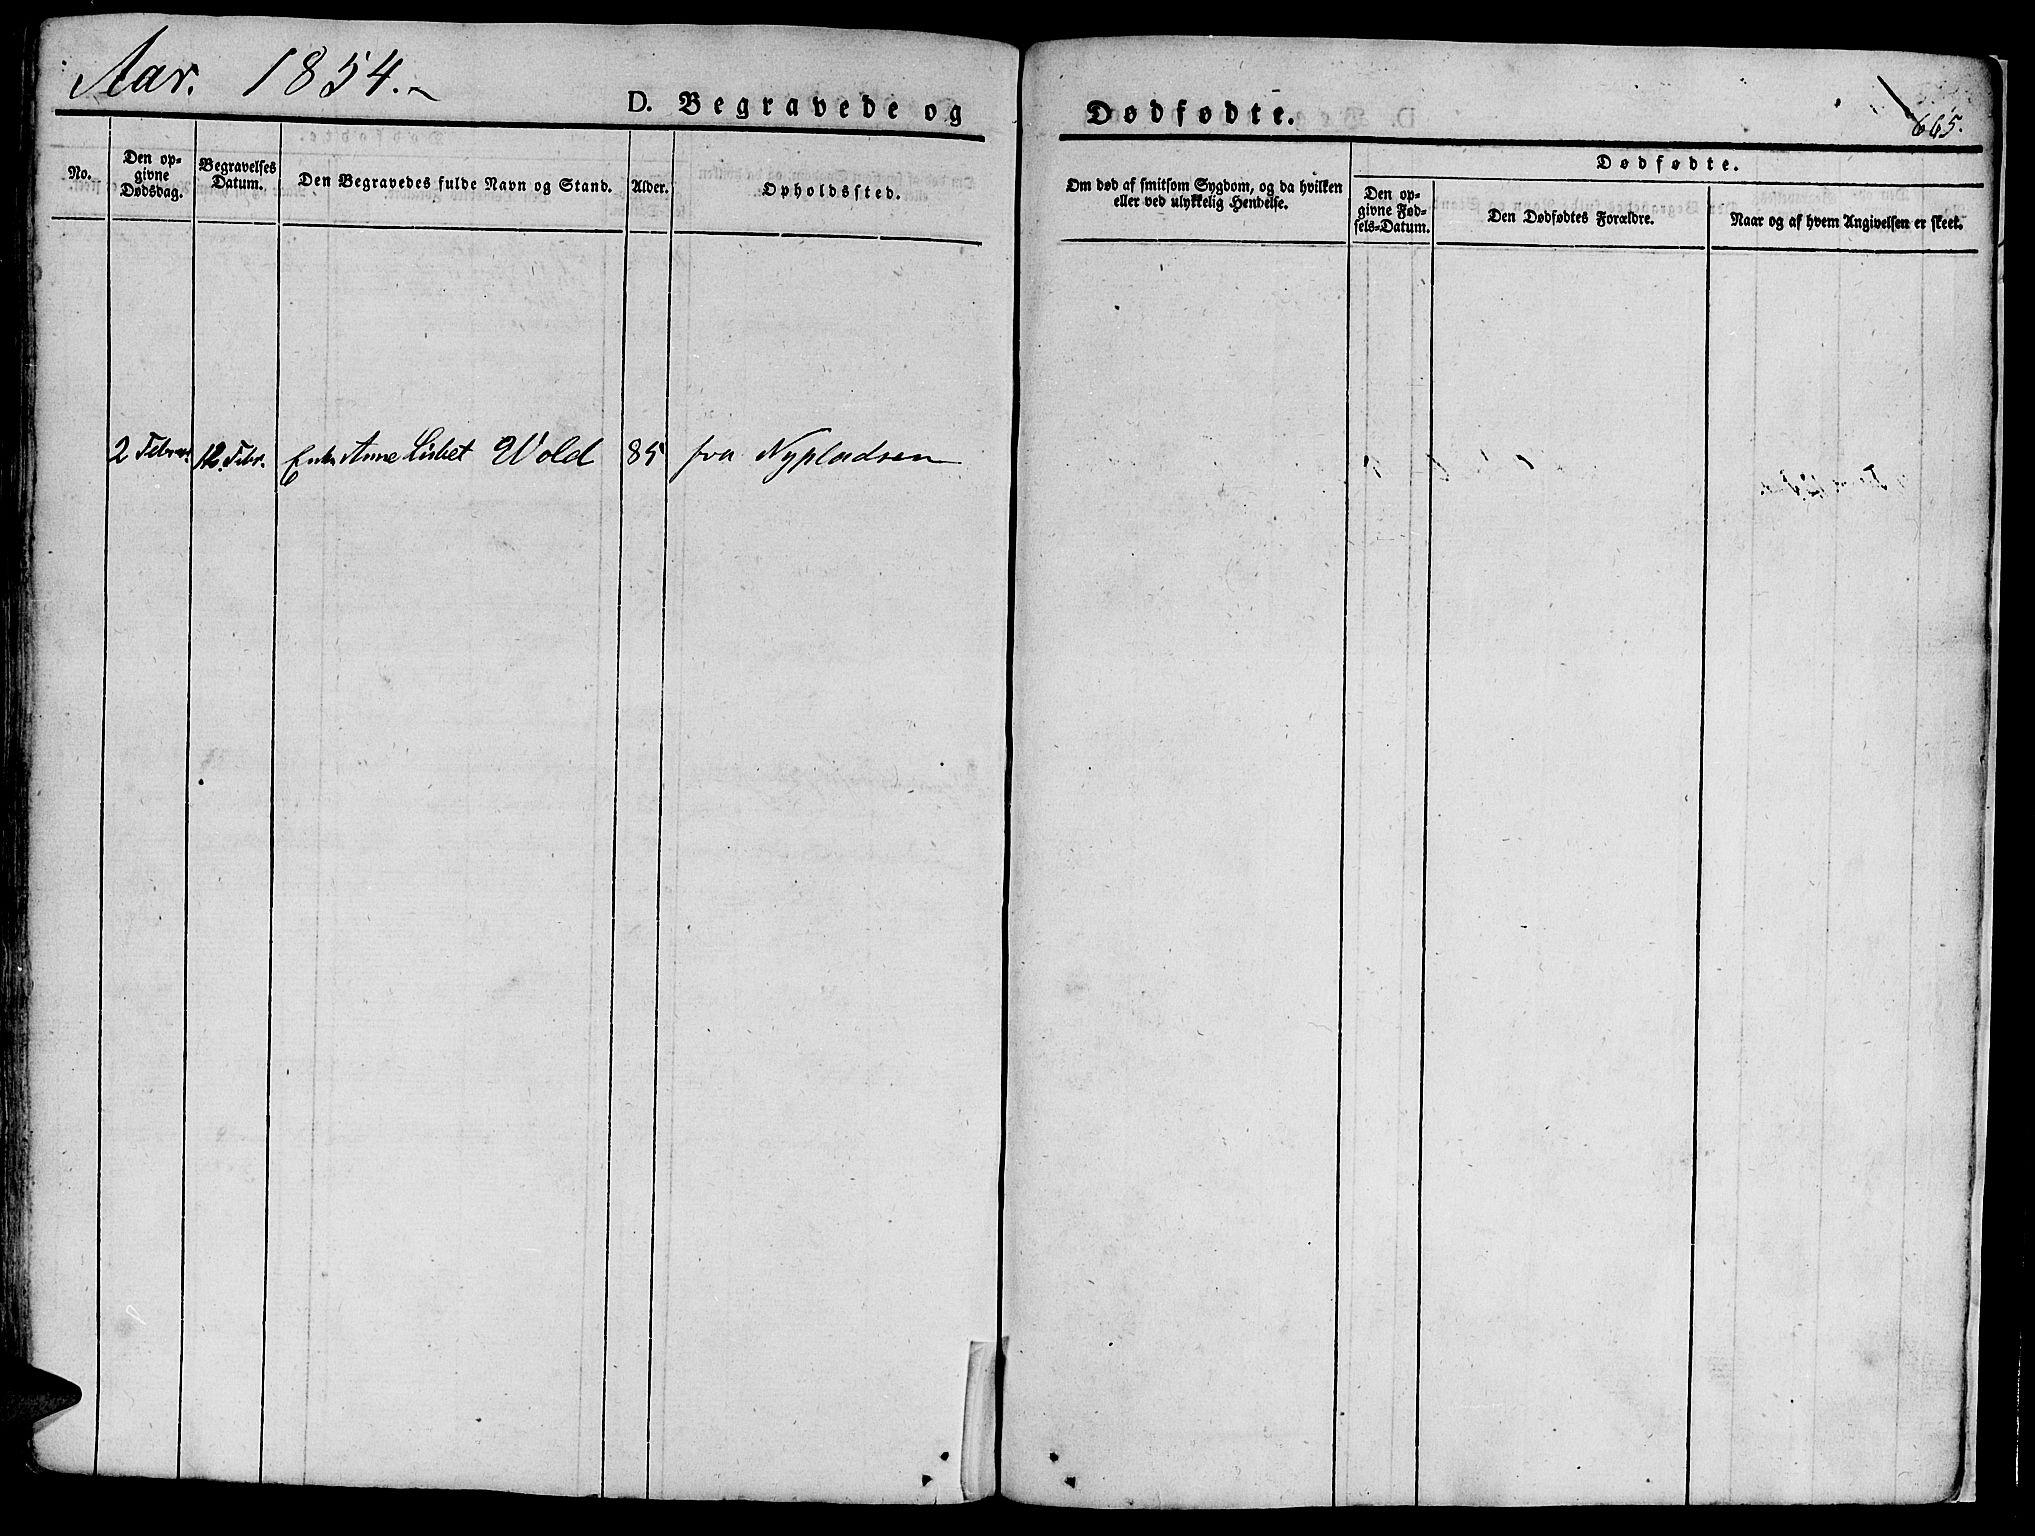 SAT, Ministerialprotokoller, klokkerbøker og fødselsregistre - Sør-Trøndelag, 681/L0939: Klokkerbok nr. 681C03, 1829-1855, s. 665